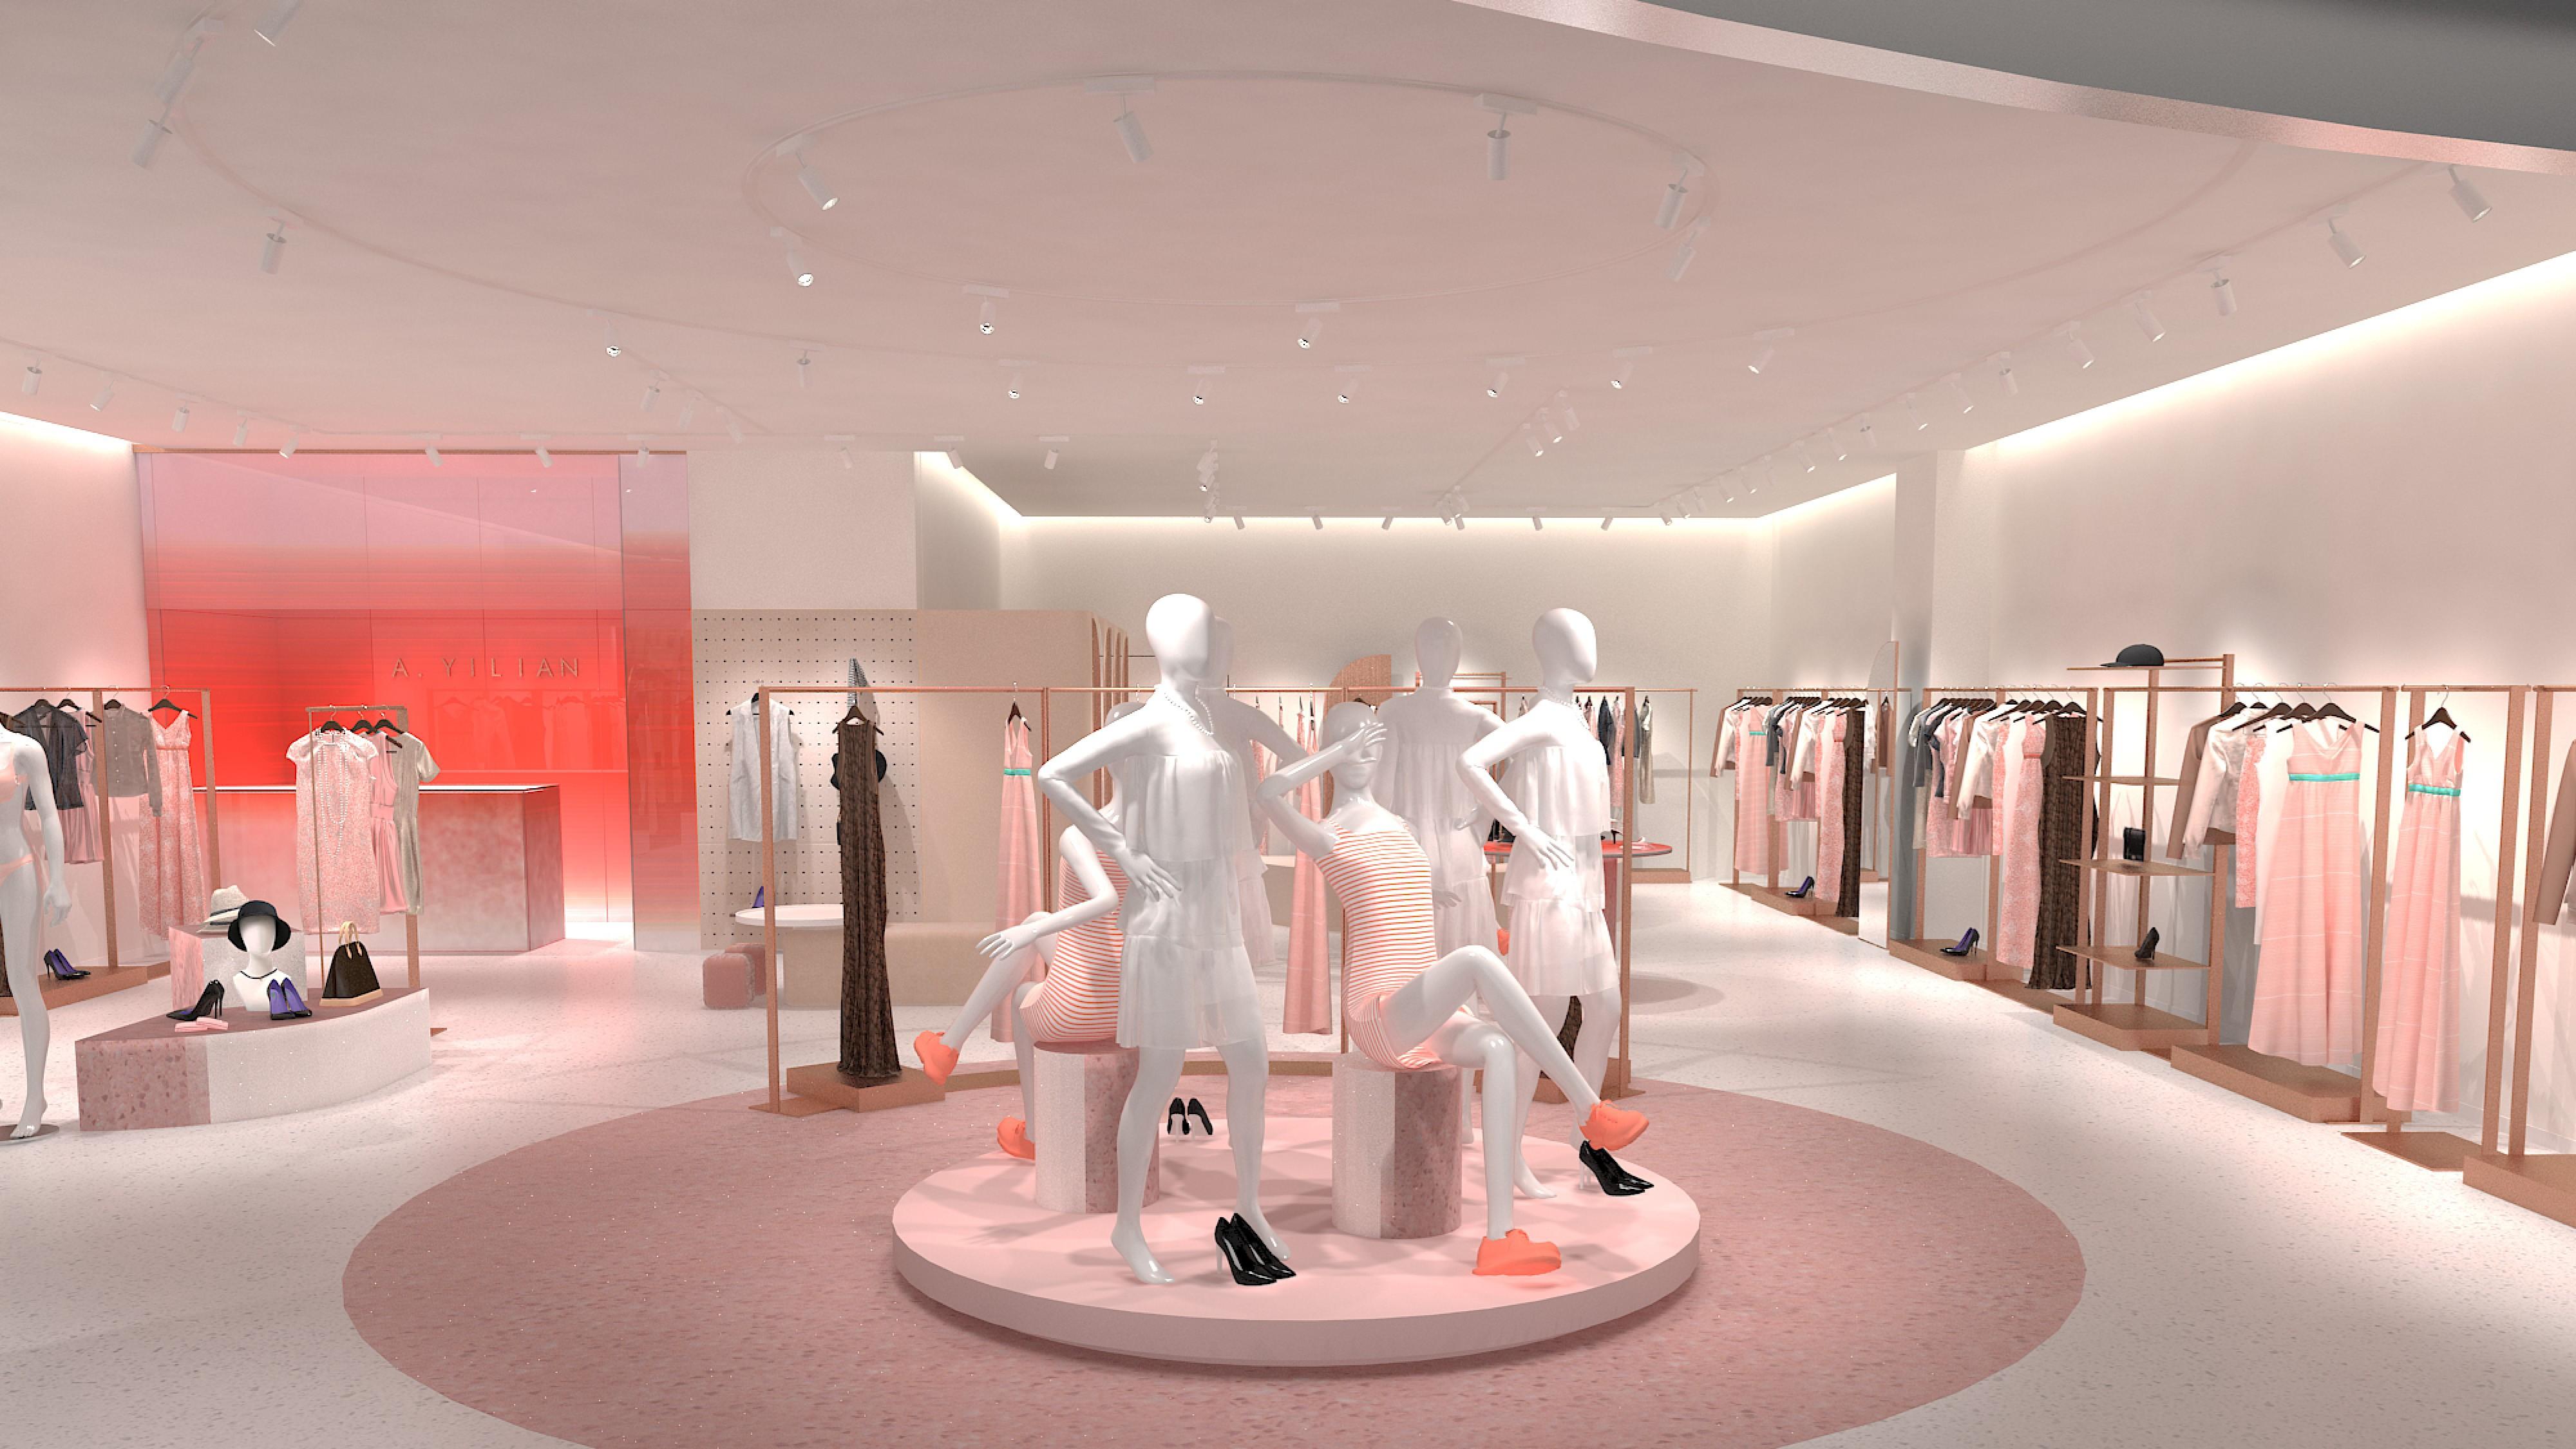 阿依莲将开启中国女装行业合伙人模式新纪元